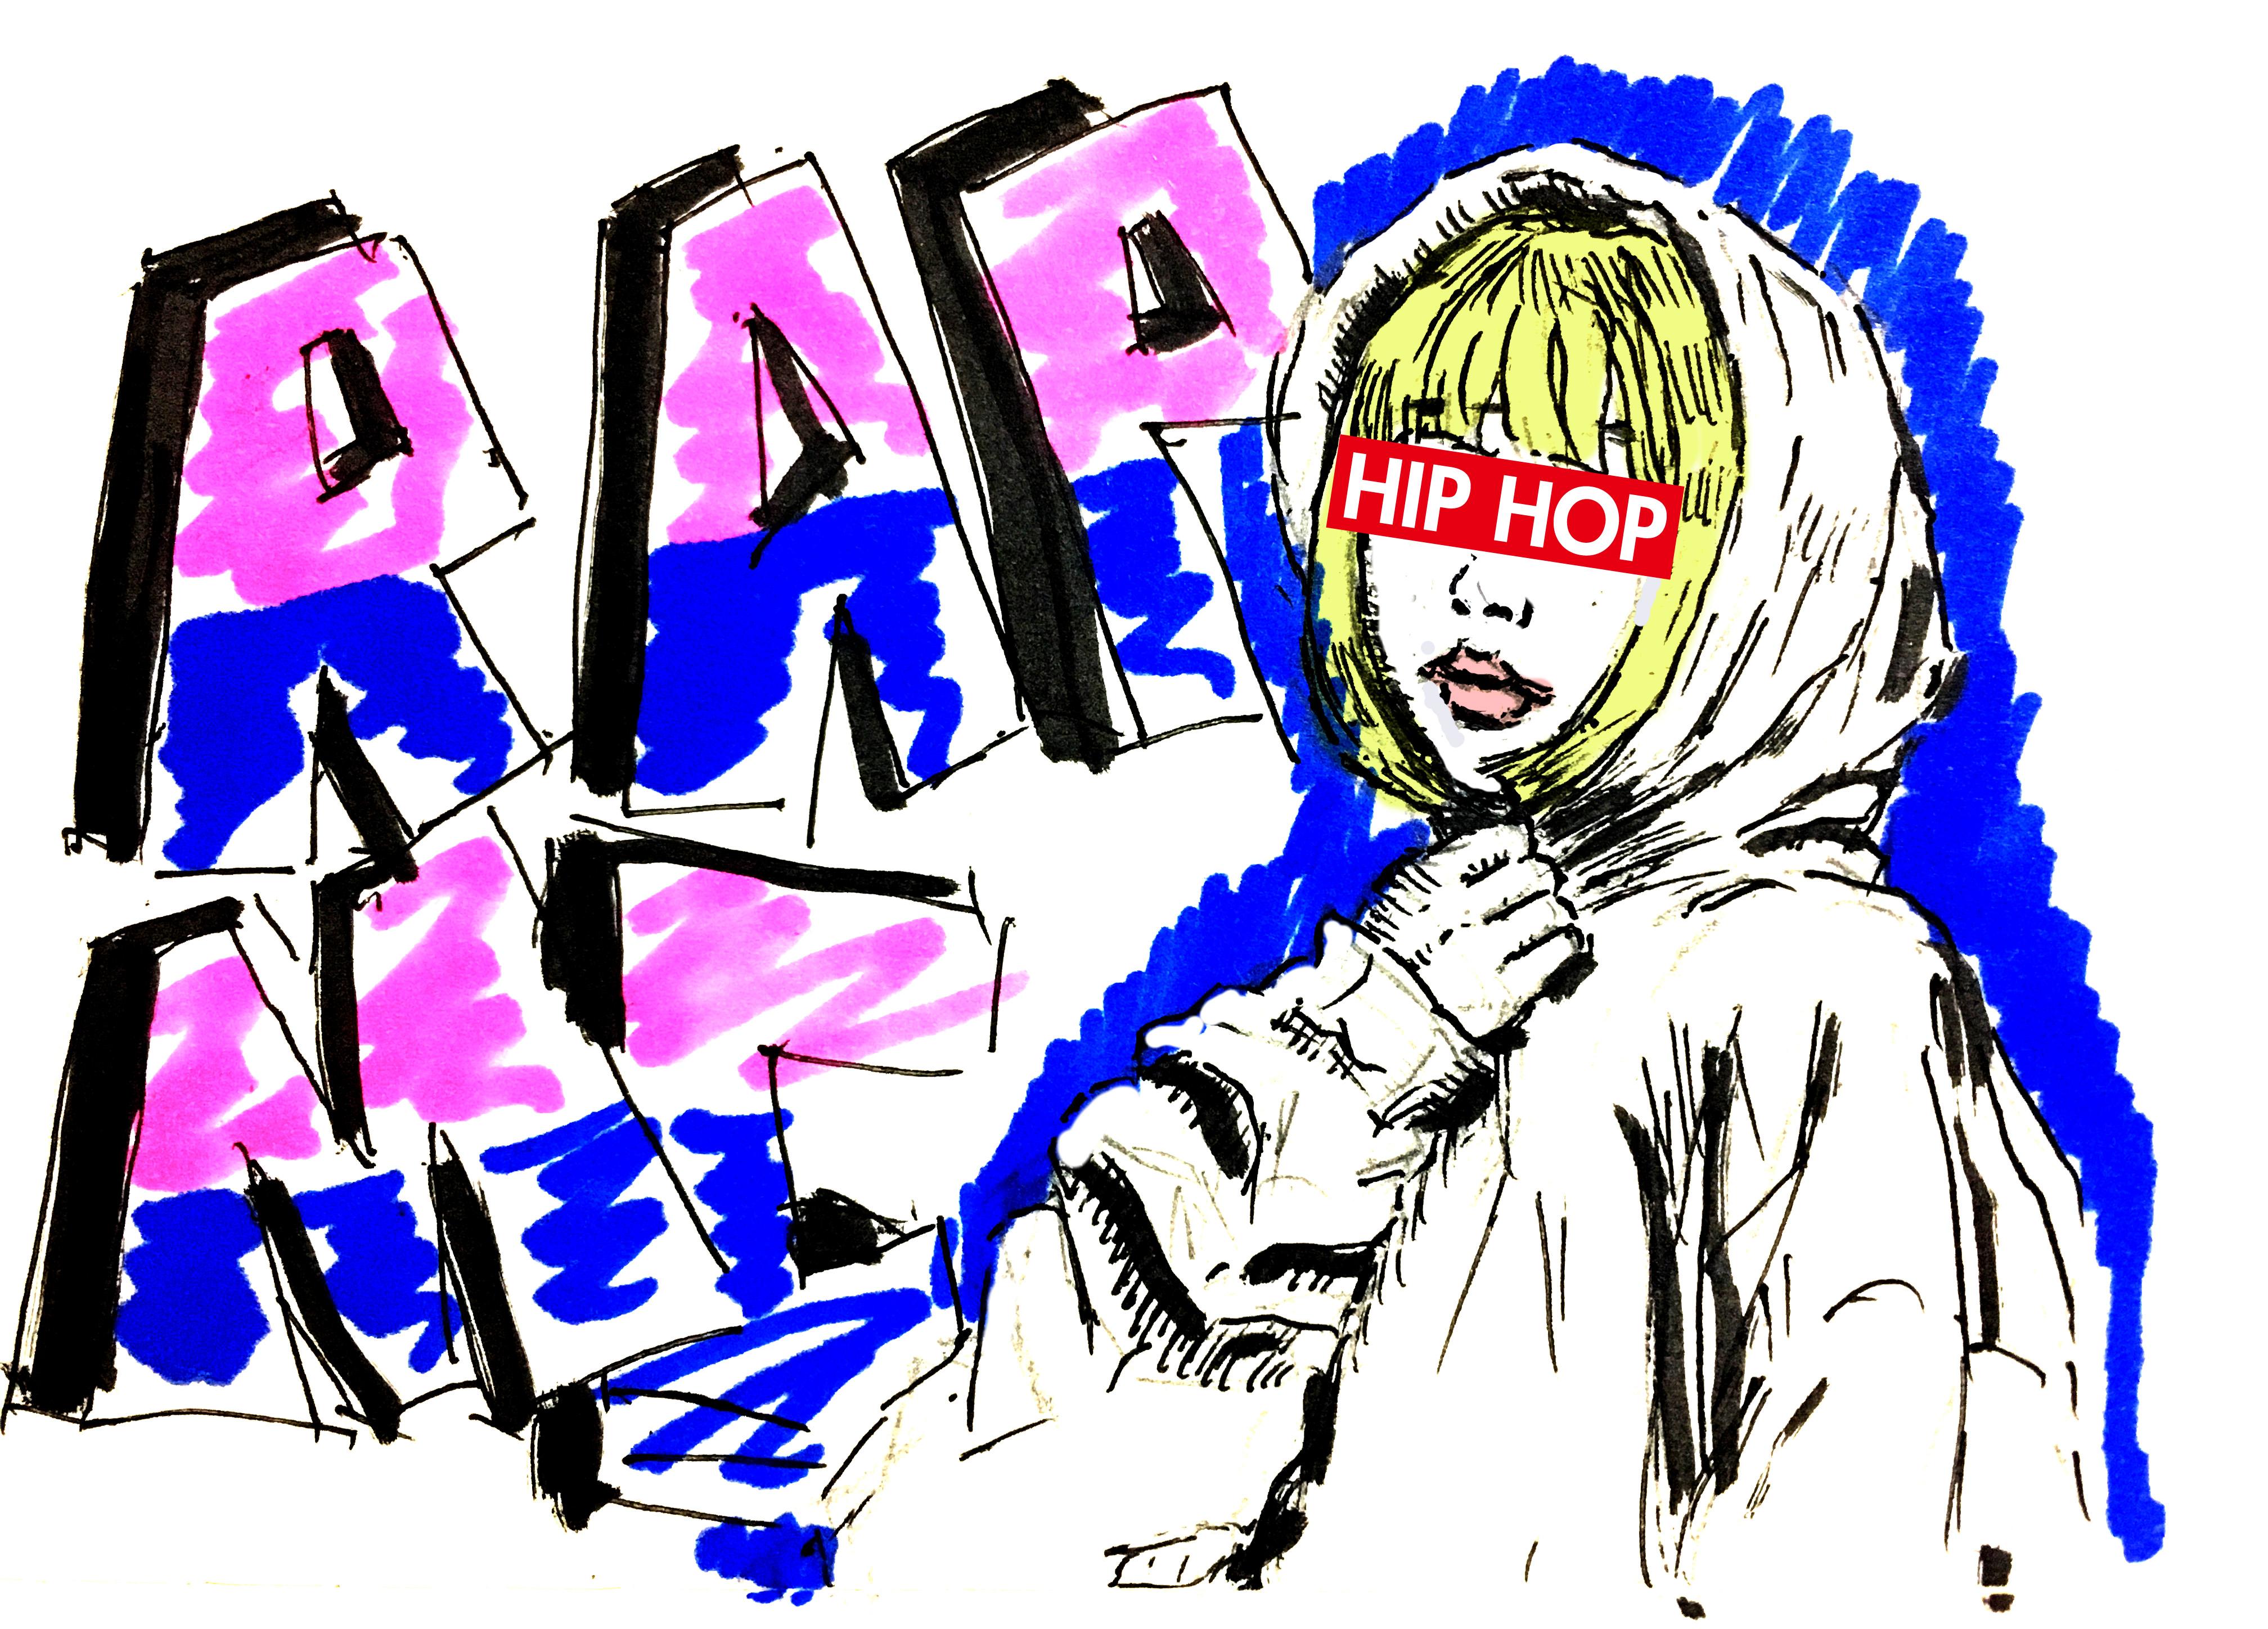 日本におけるヒップホップ文化が急激に浸透してきている